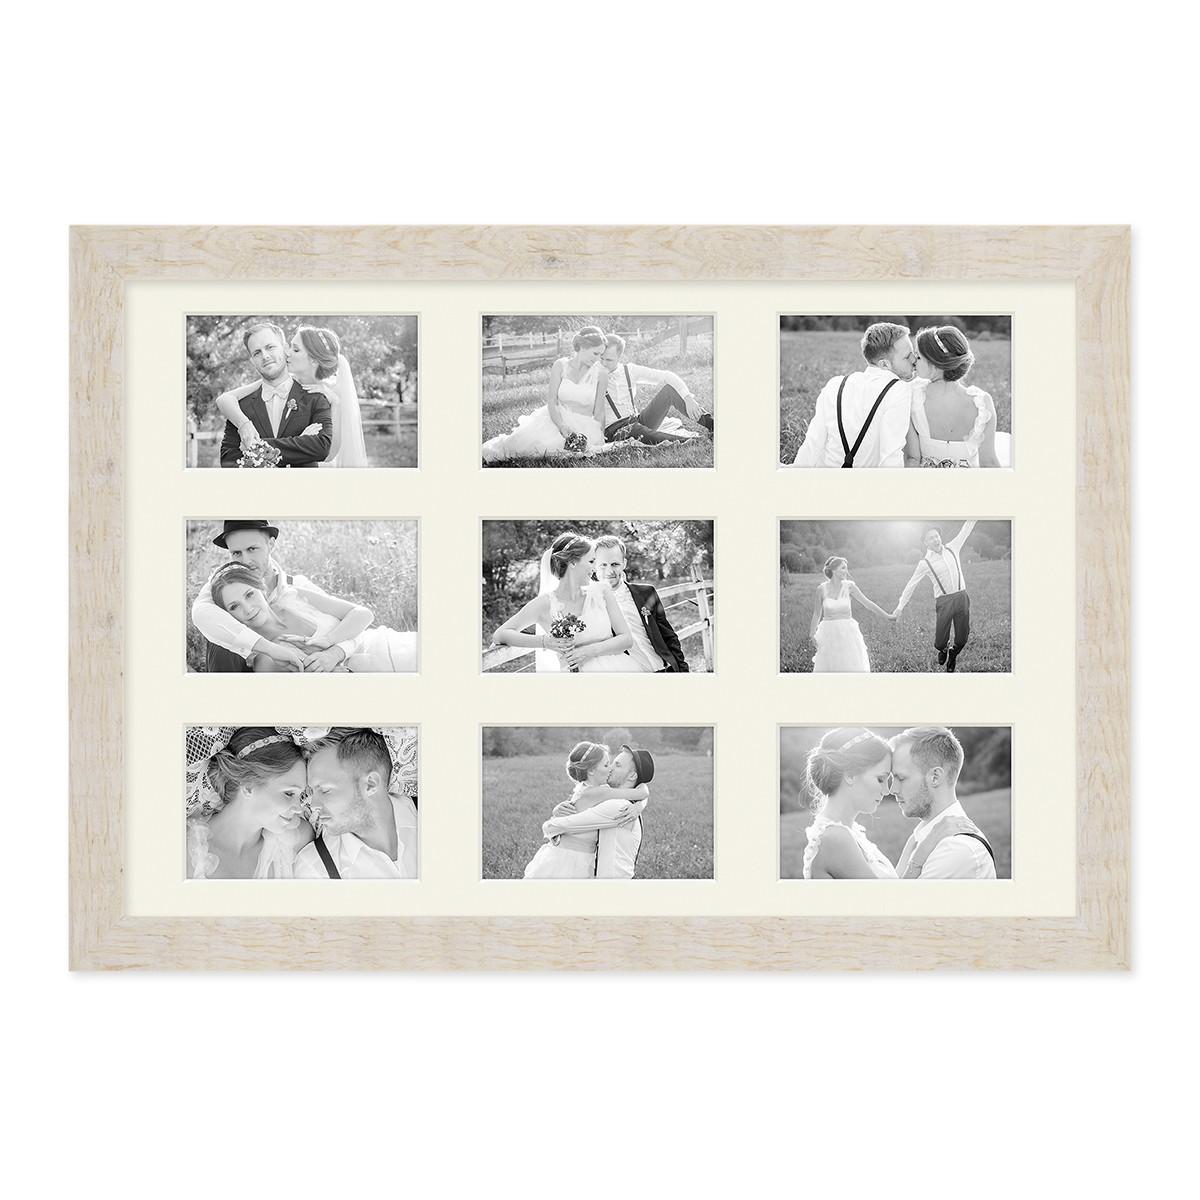 Fotocollage-Bilderrahmen 40x60 cm im Strandhaus-Stil Weiss ...